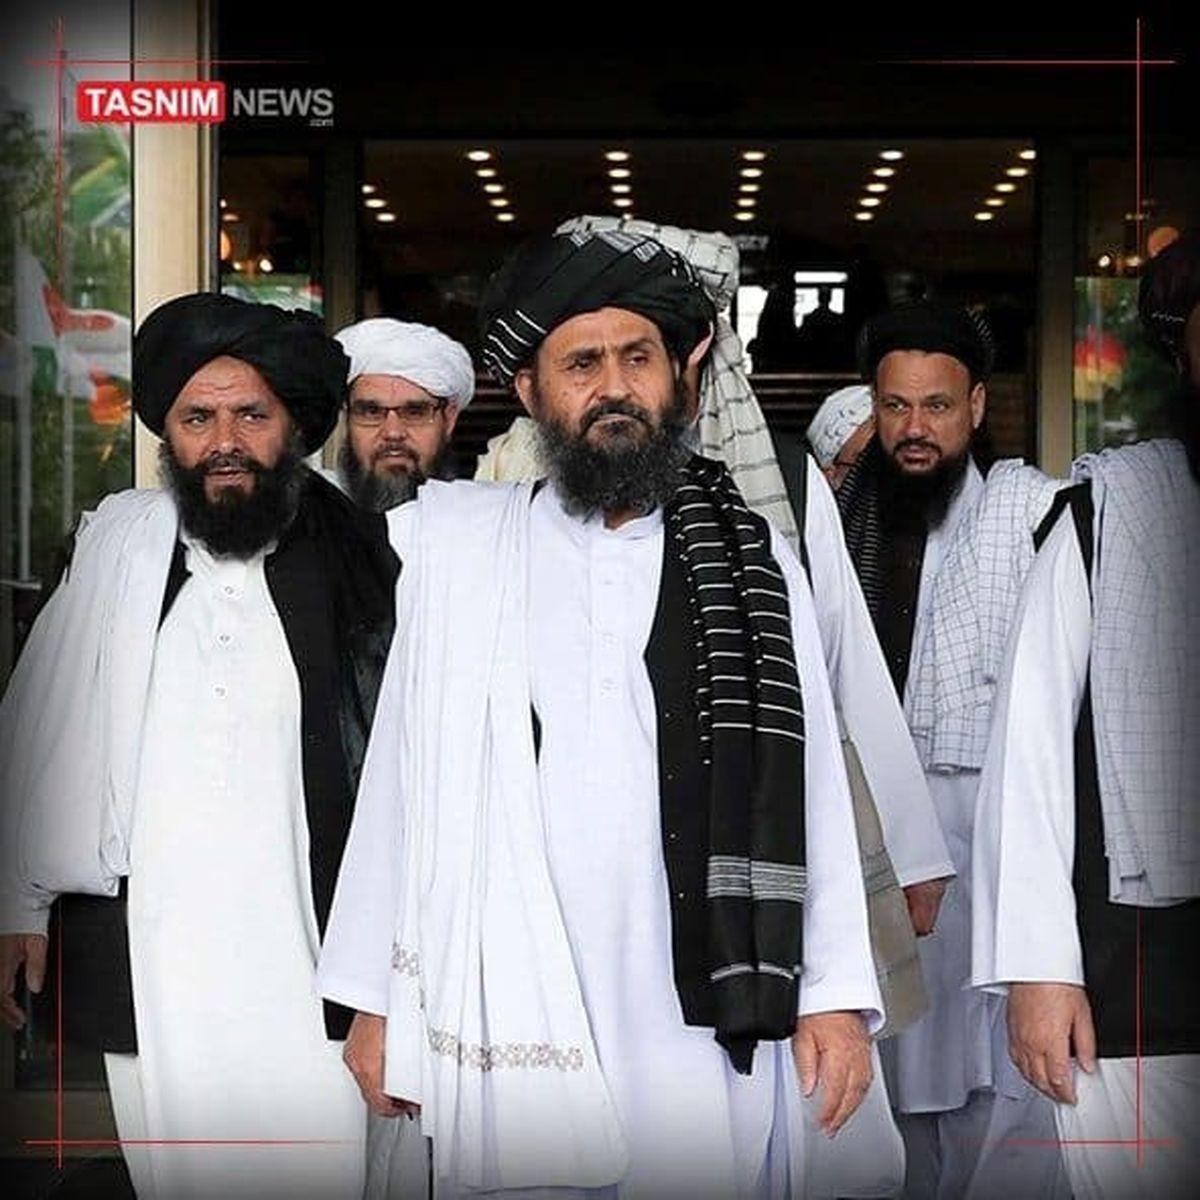 ملا عبدالغنی برای تشکیل دولت جدید وارد افغانستان شد